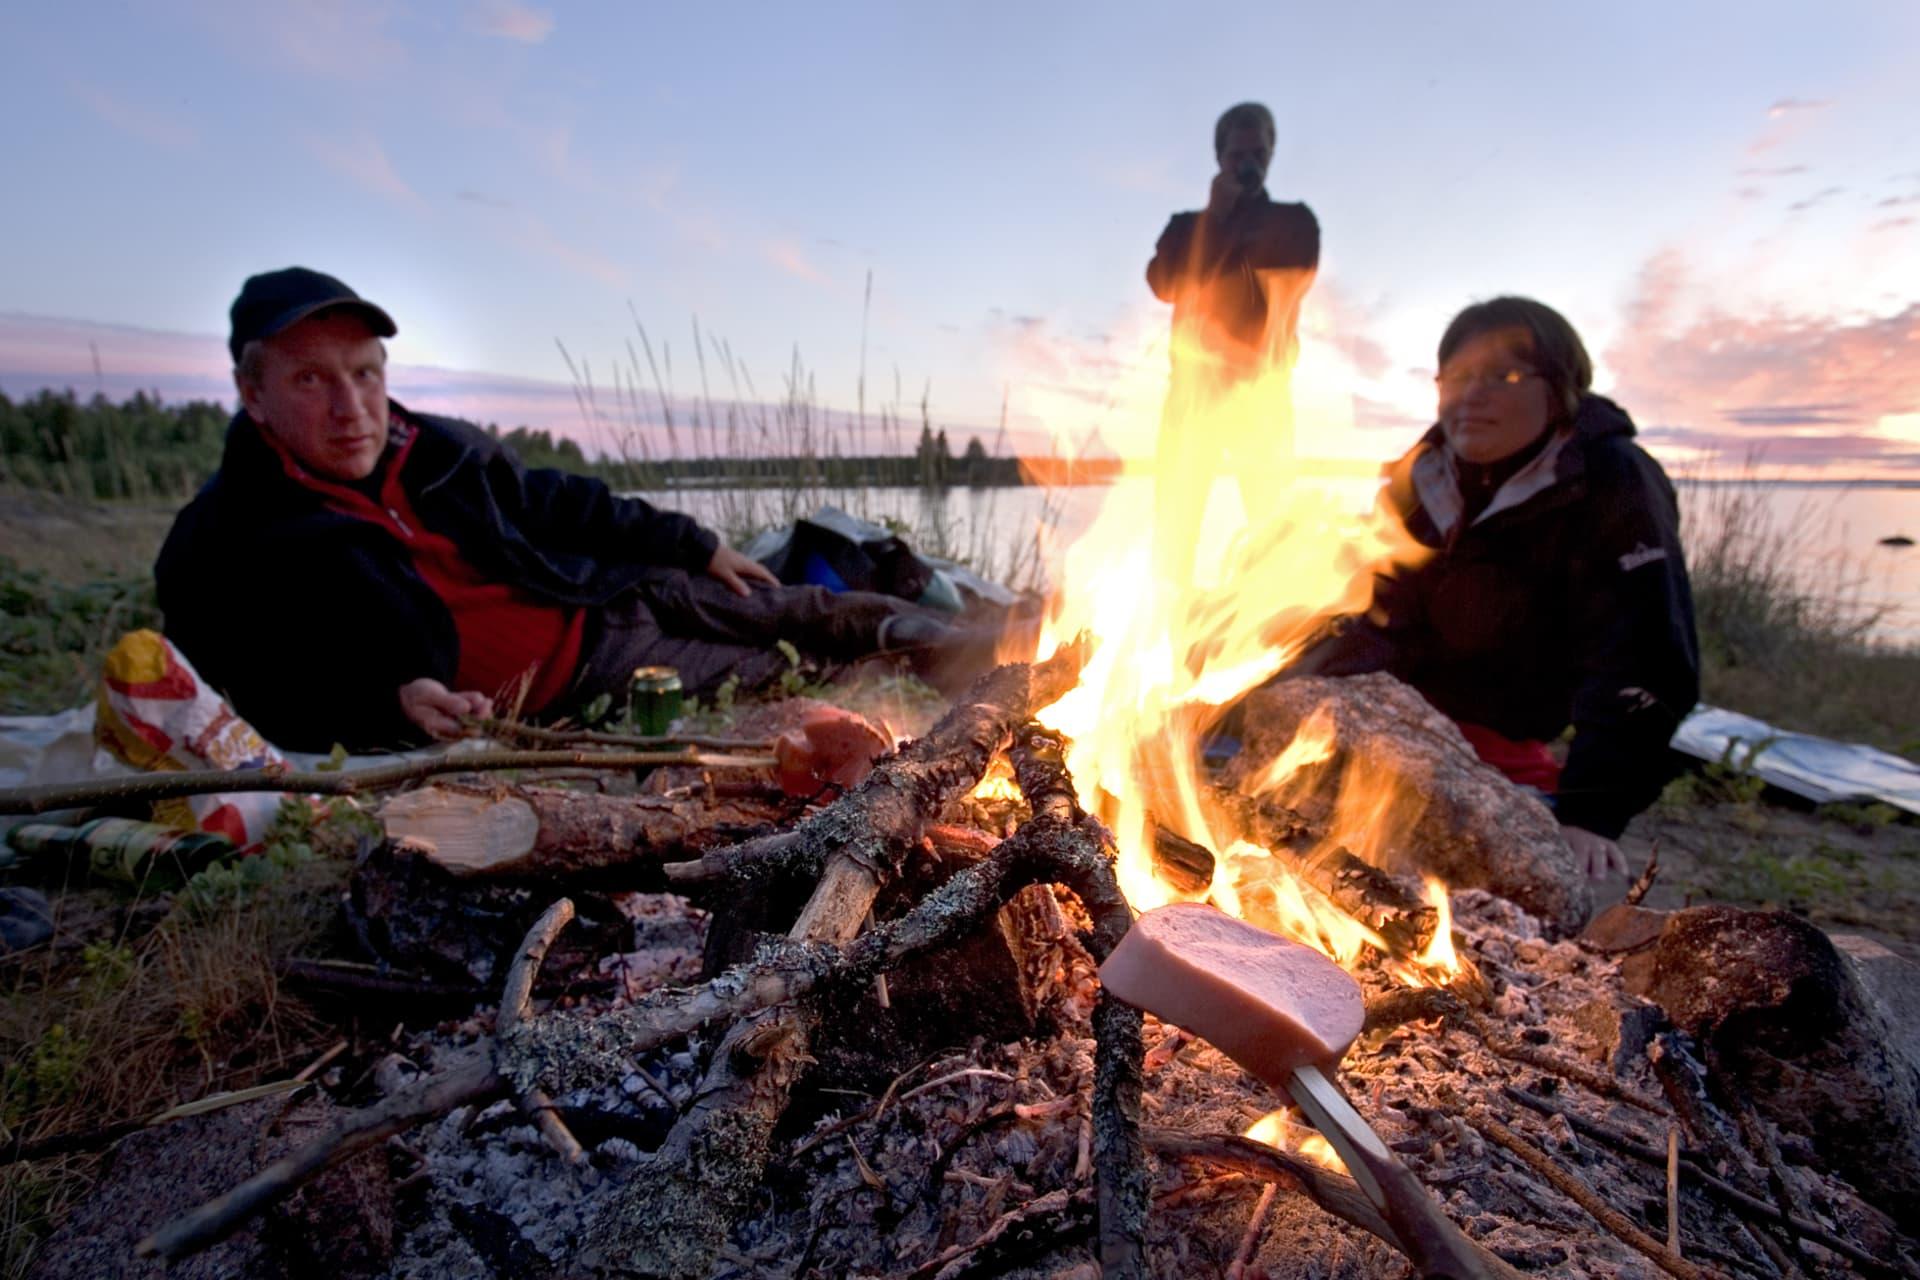 I norr tycks man ha en förkärlek till att elda. Även sommartid. Visst är det härligt att grilla korv på stranden.